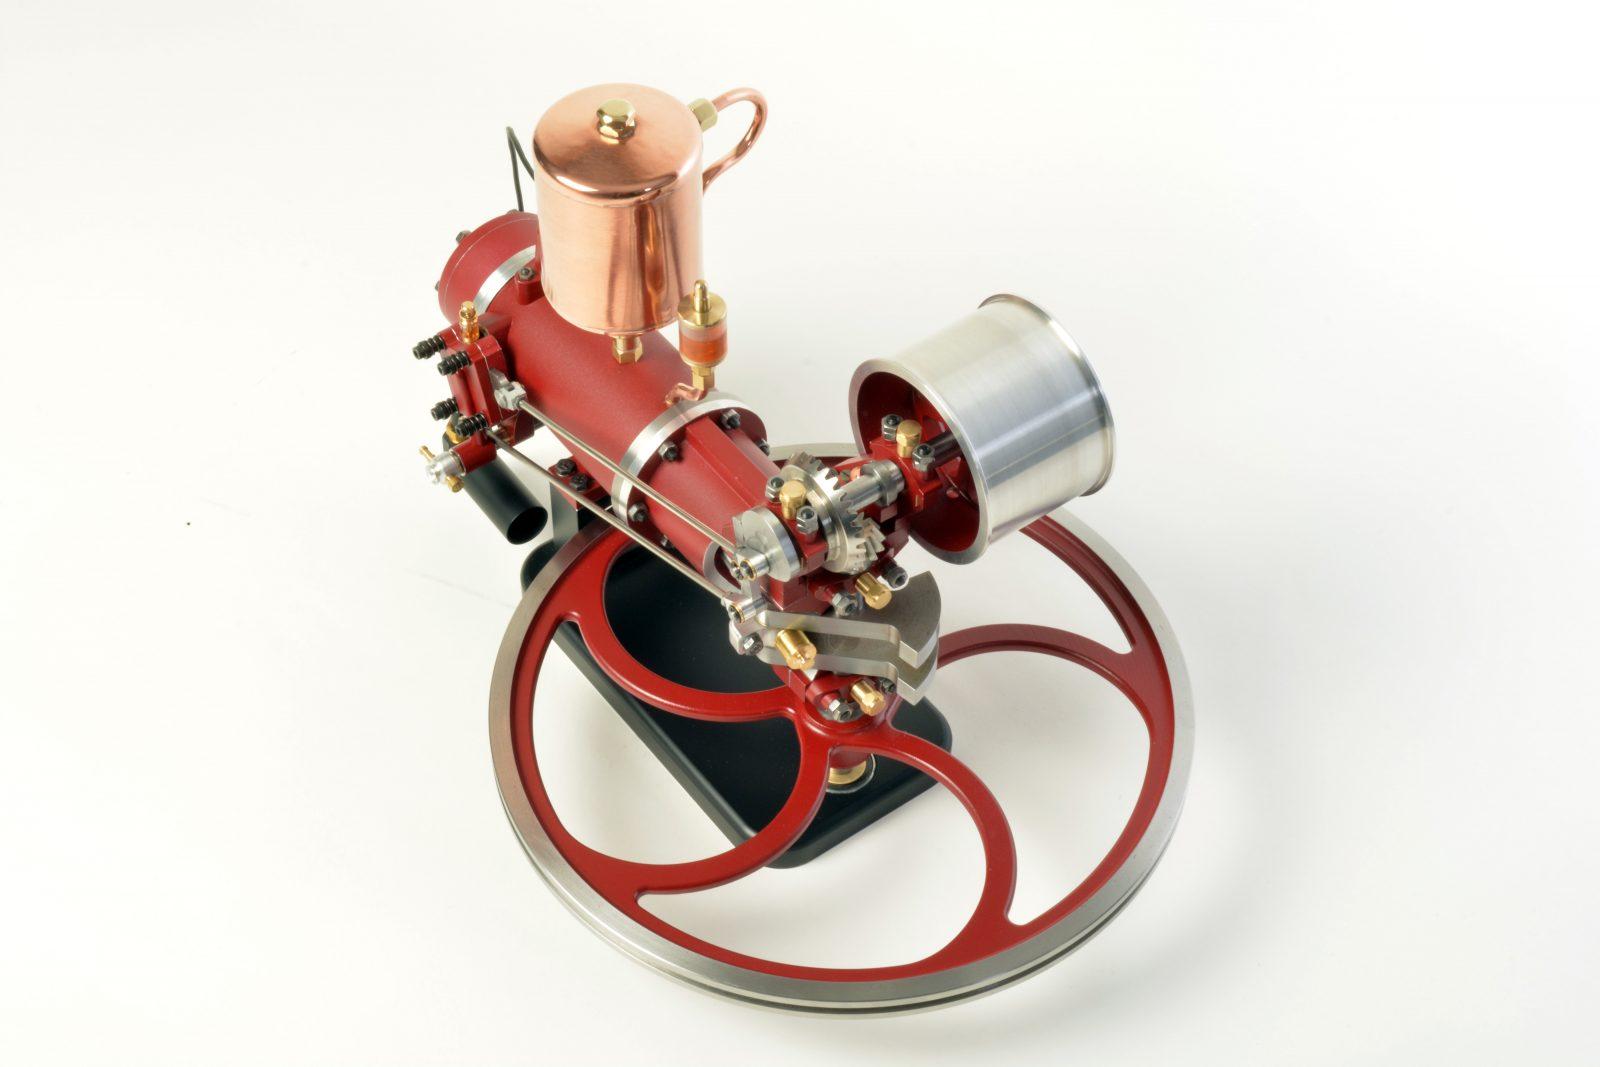 Nachbau des Benz-Motors aus 1884